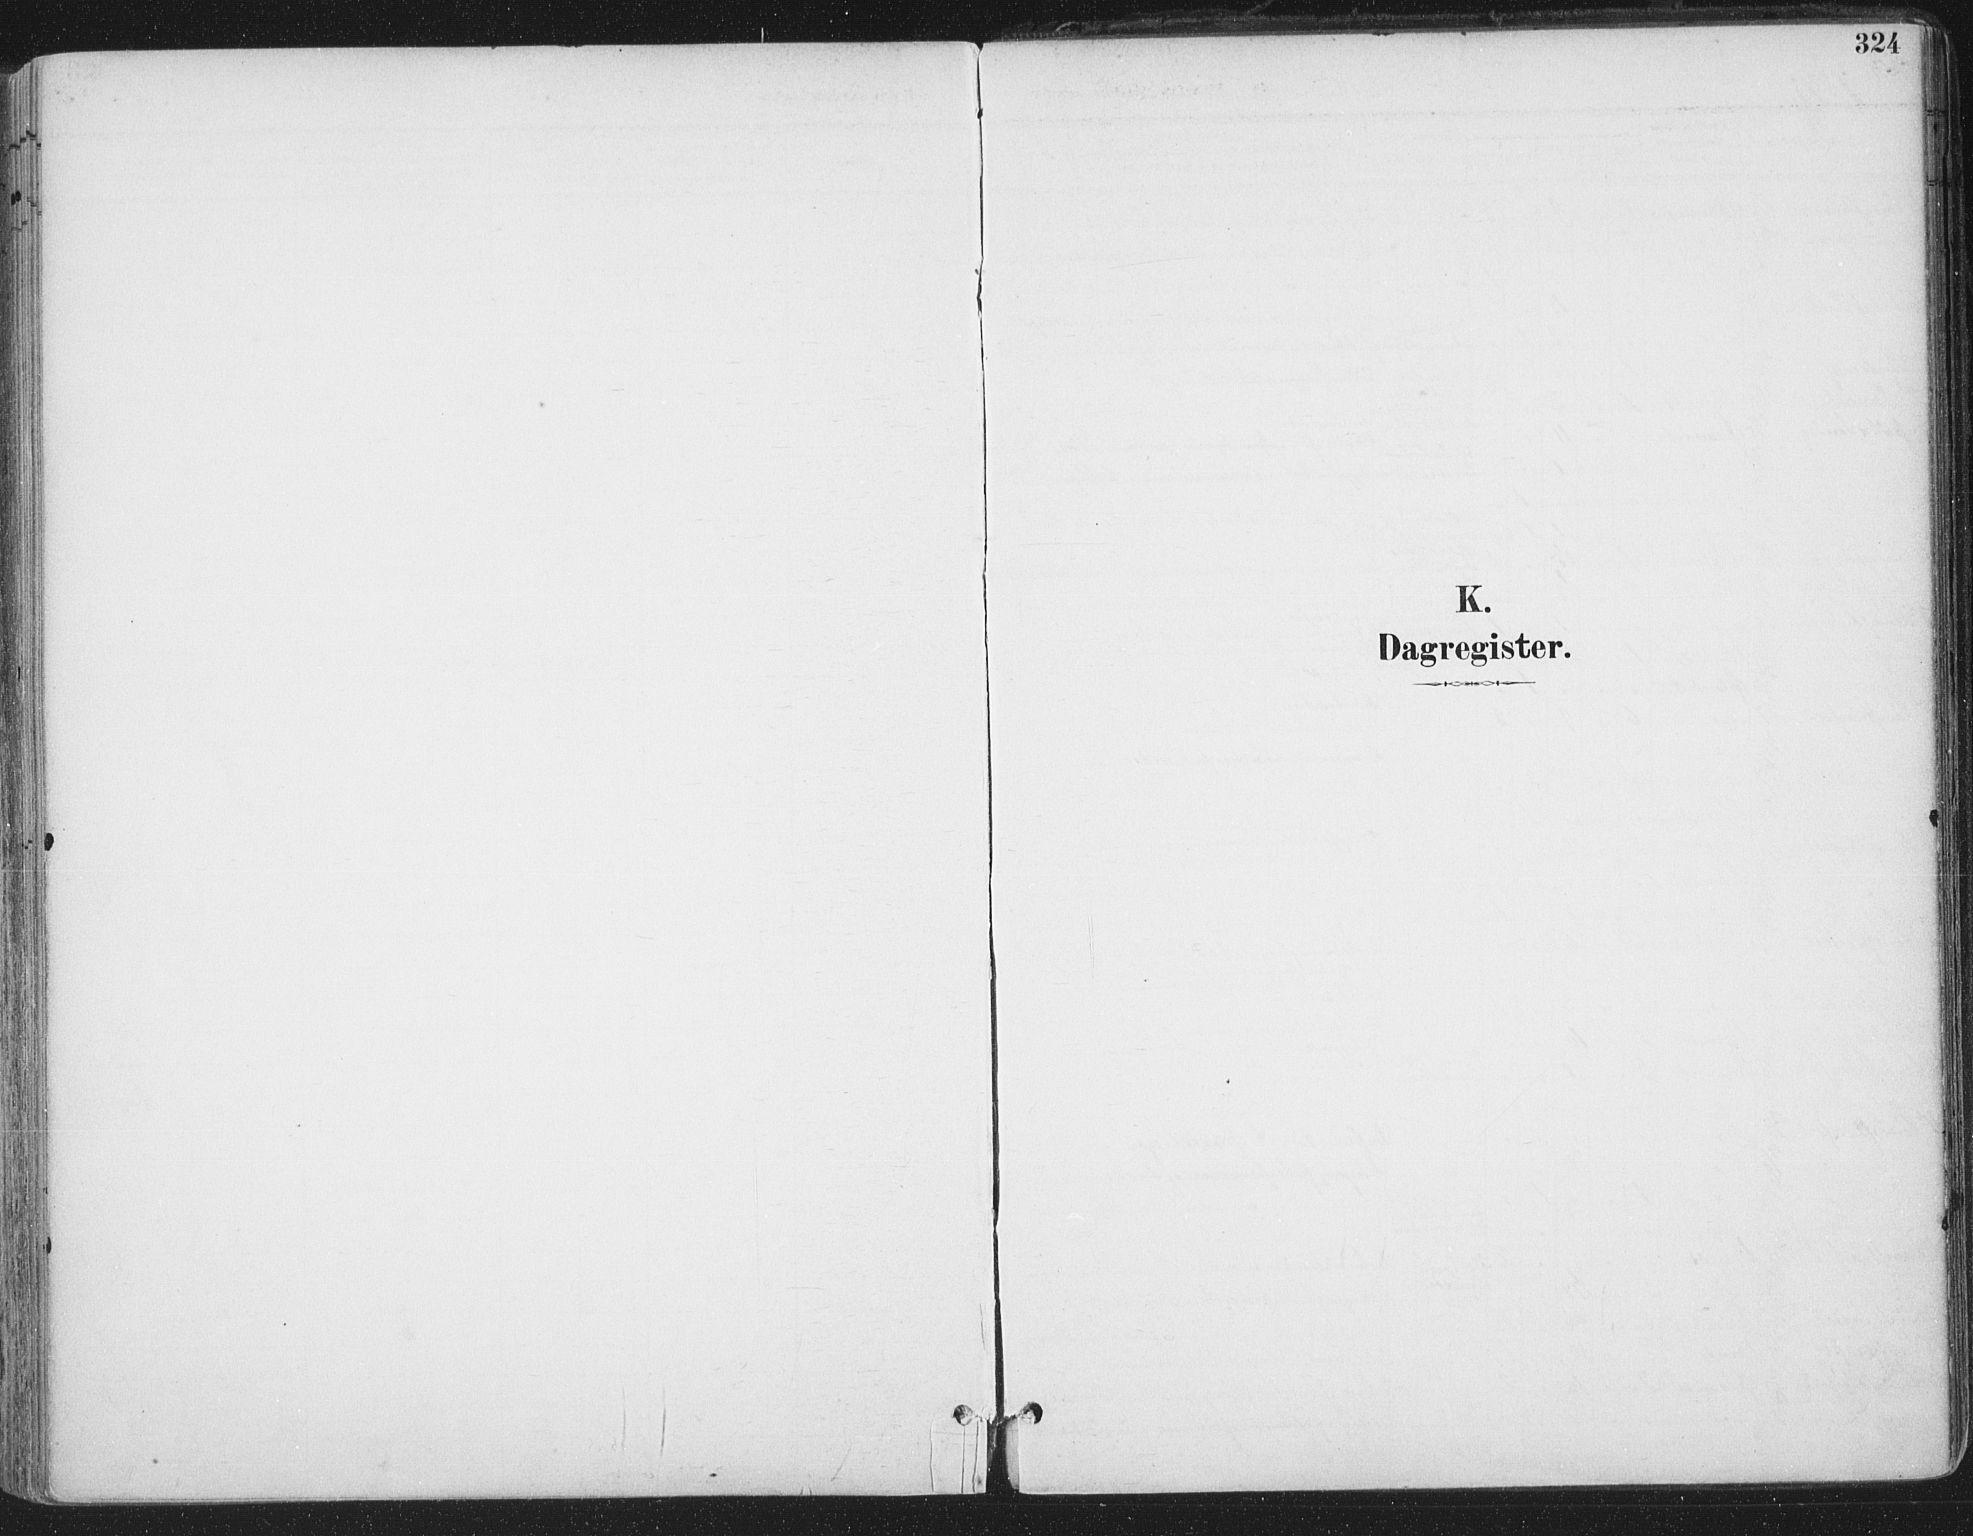 SAT, Ministerialprotokoller, klokkerbøker og fødselsregistre - Sør-Trøndelag, 659/L0743: Ministerialbok nr. 659A13, 1893-1910, s. 324